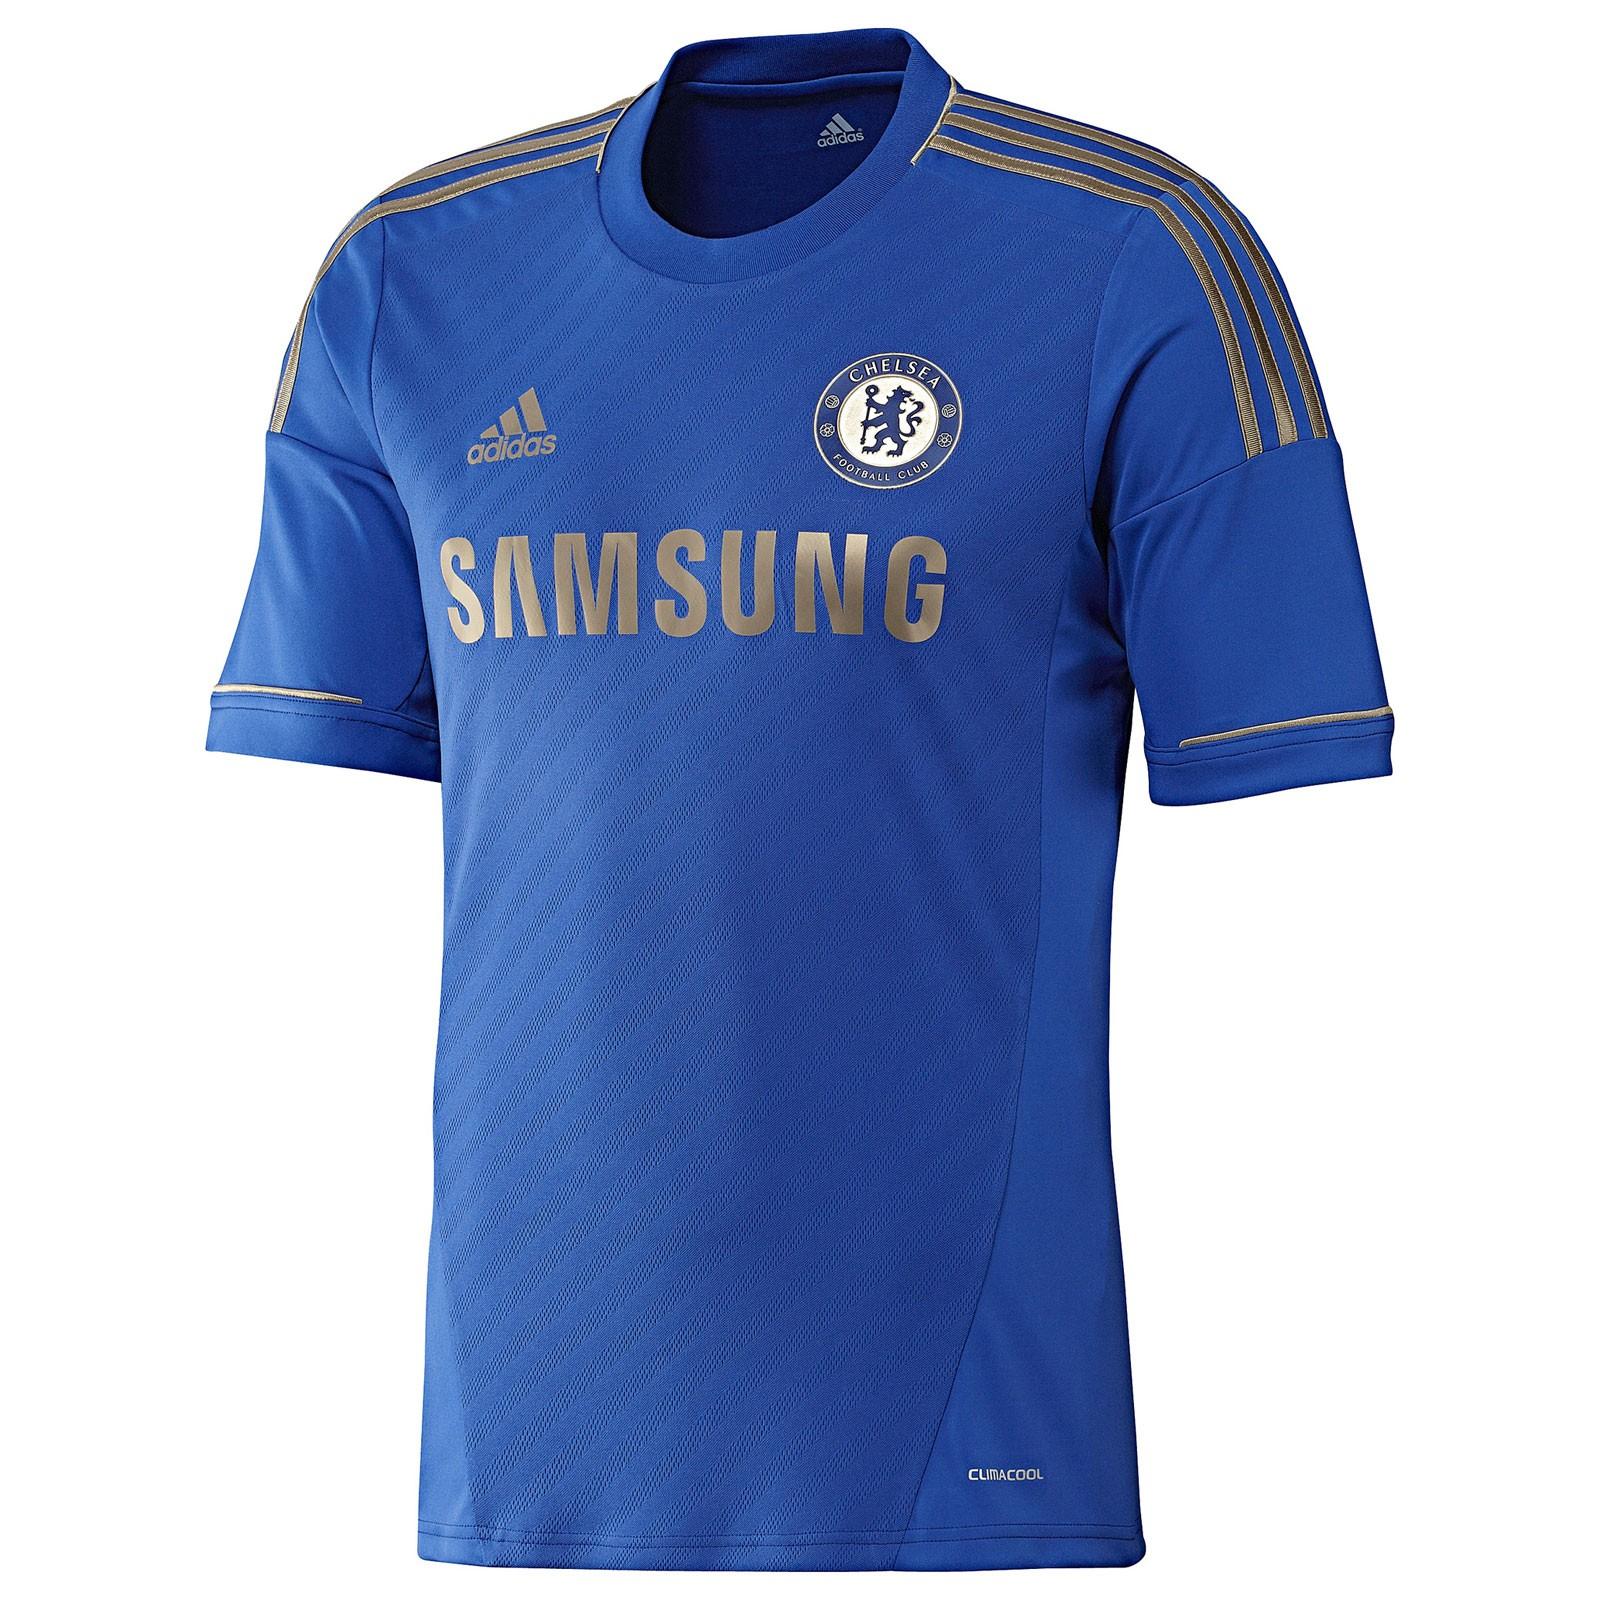 切尔西2012/13赛季球迷版主场球衣